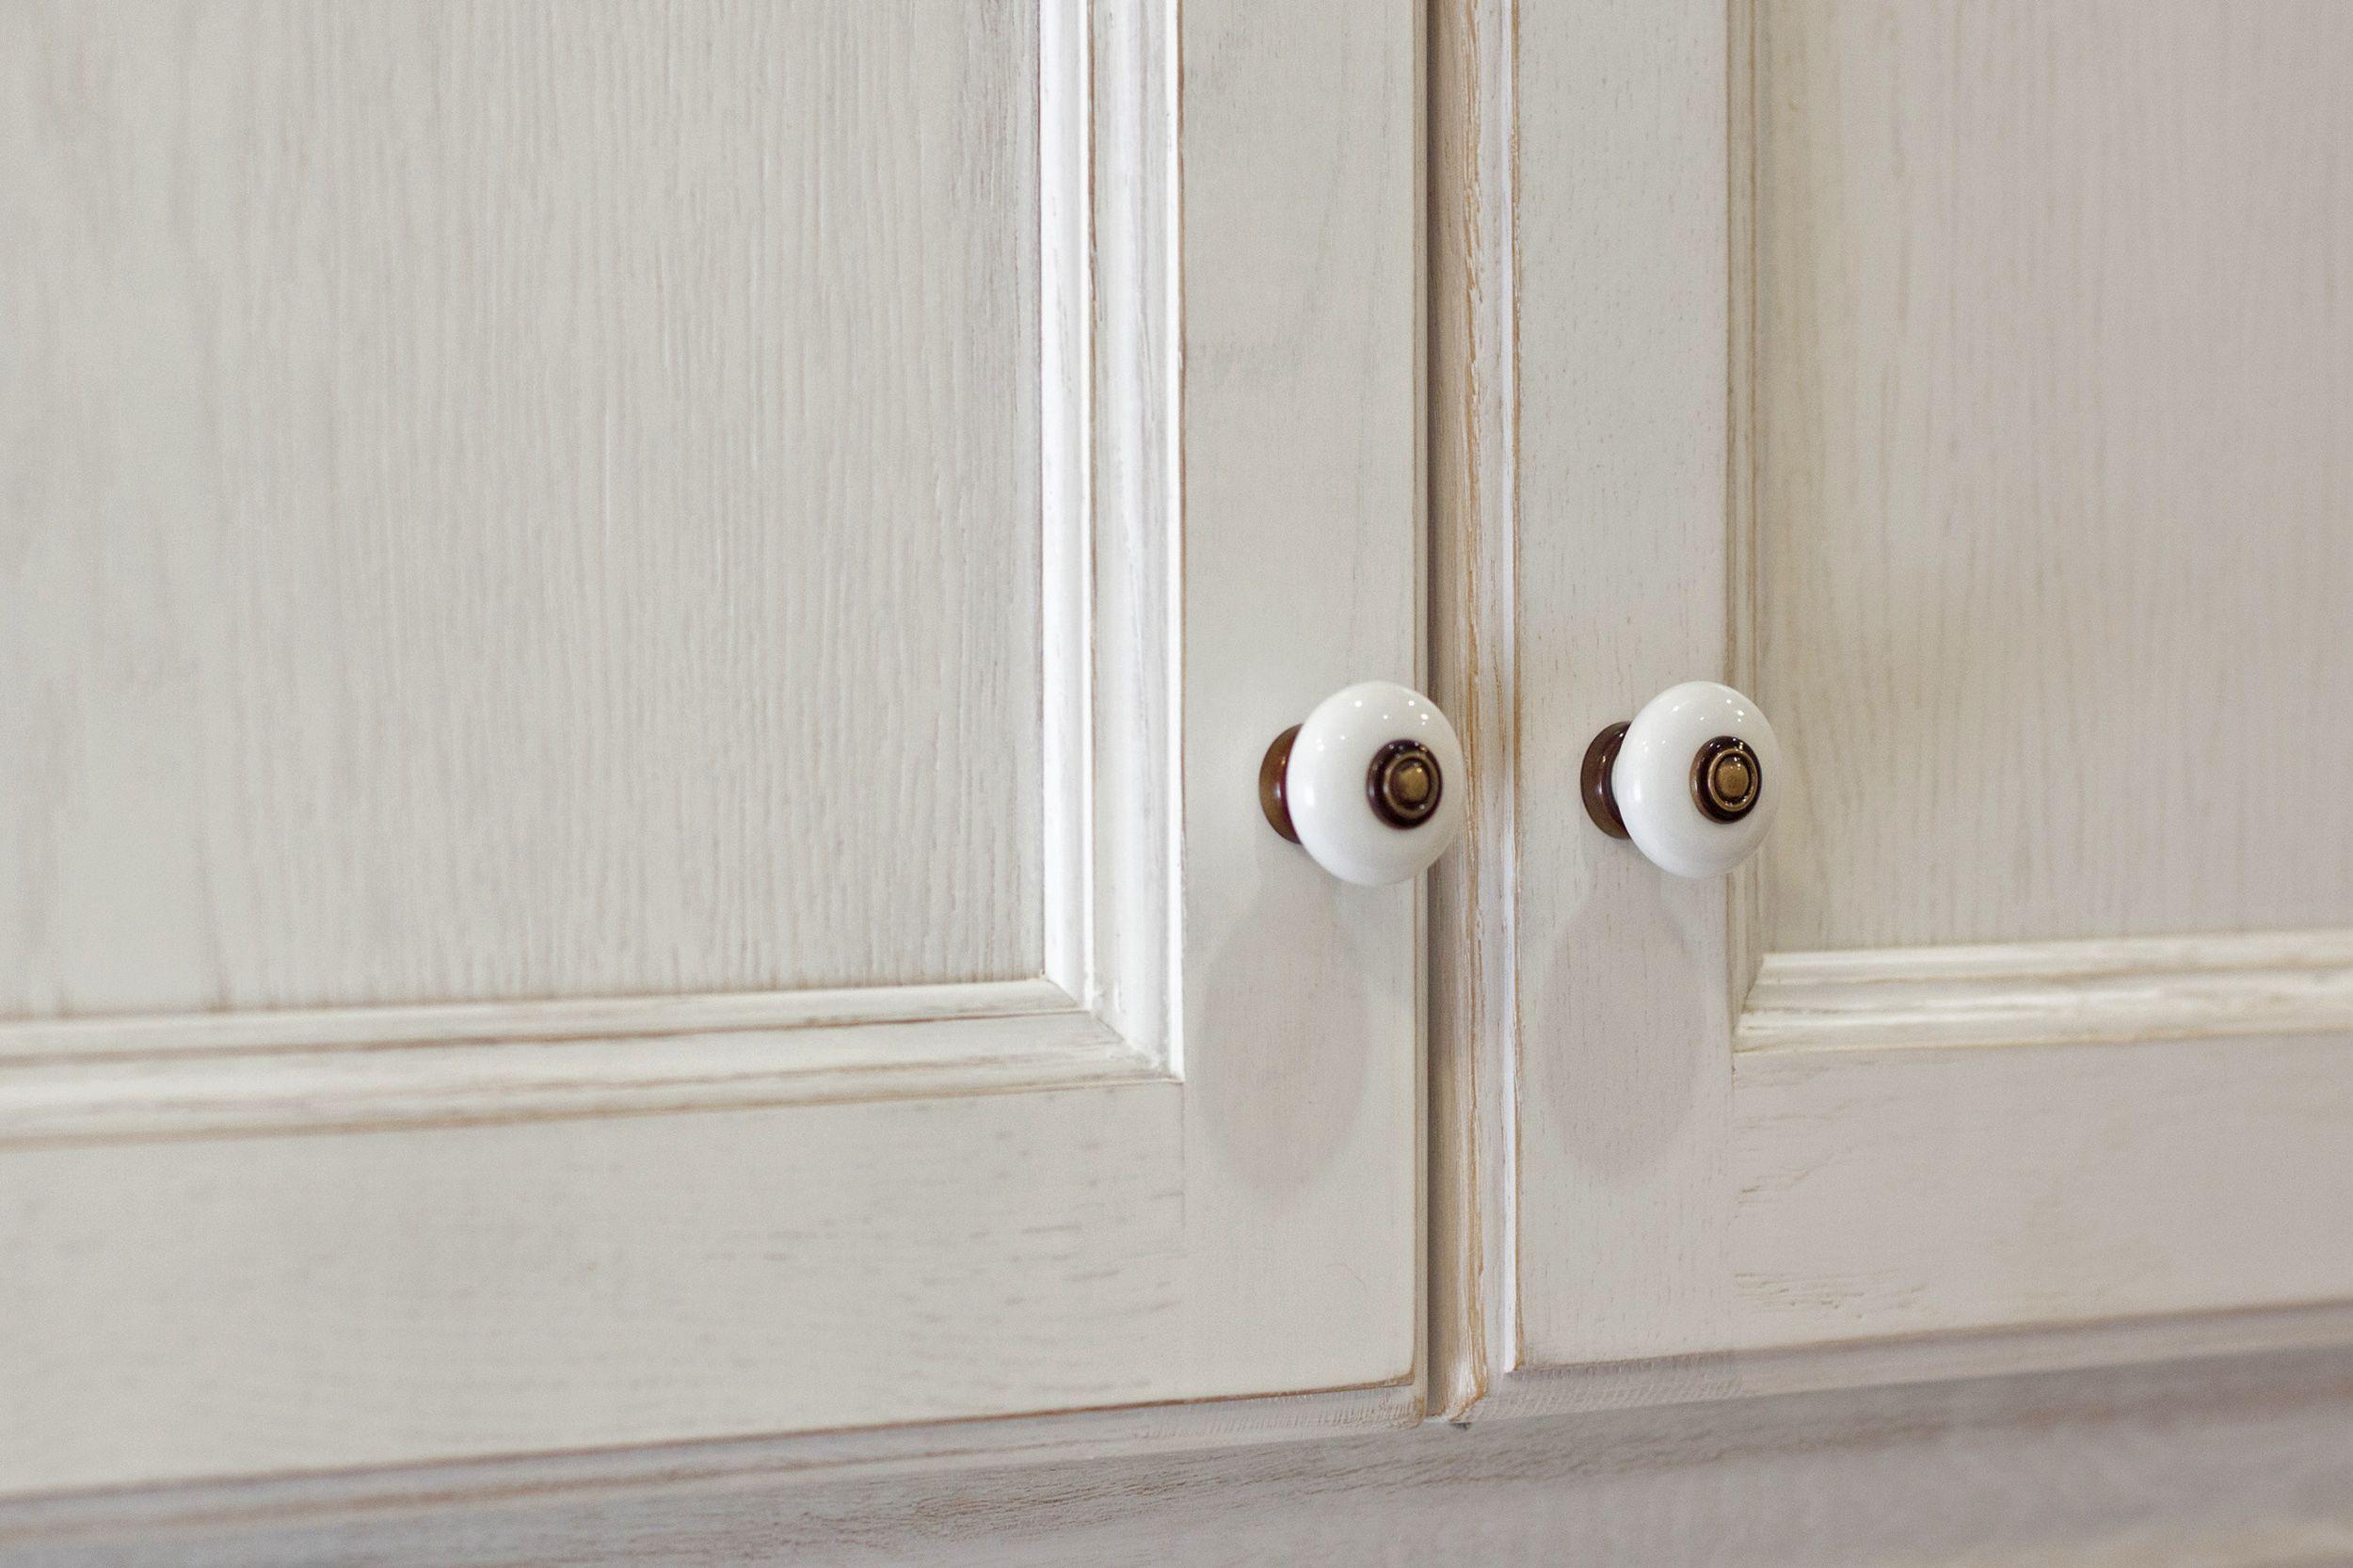 Puertas De Cocina Con Plaflón Y Lacado A Poro Abierto. Pomos De Porcelana. # Pomos #porcelana #puertas #cocina #blanca